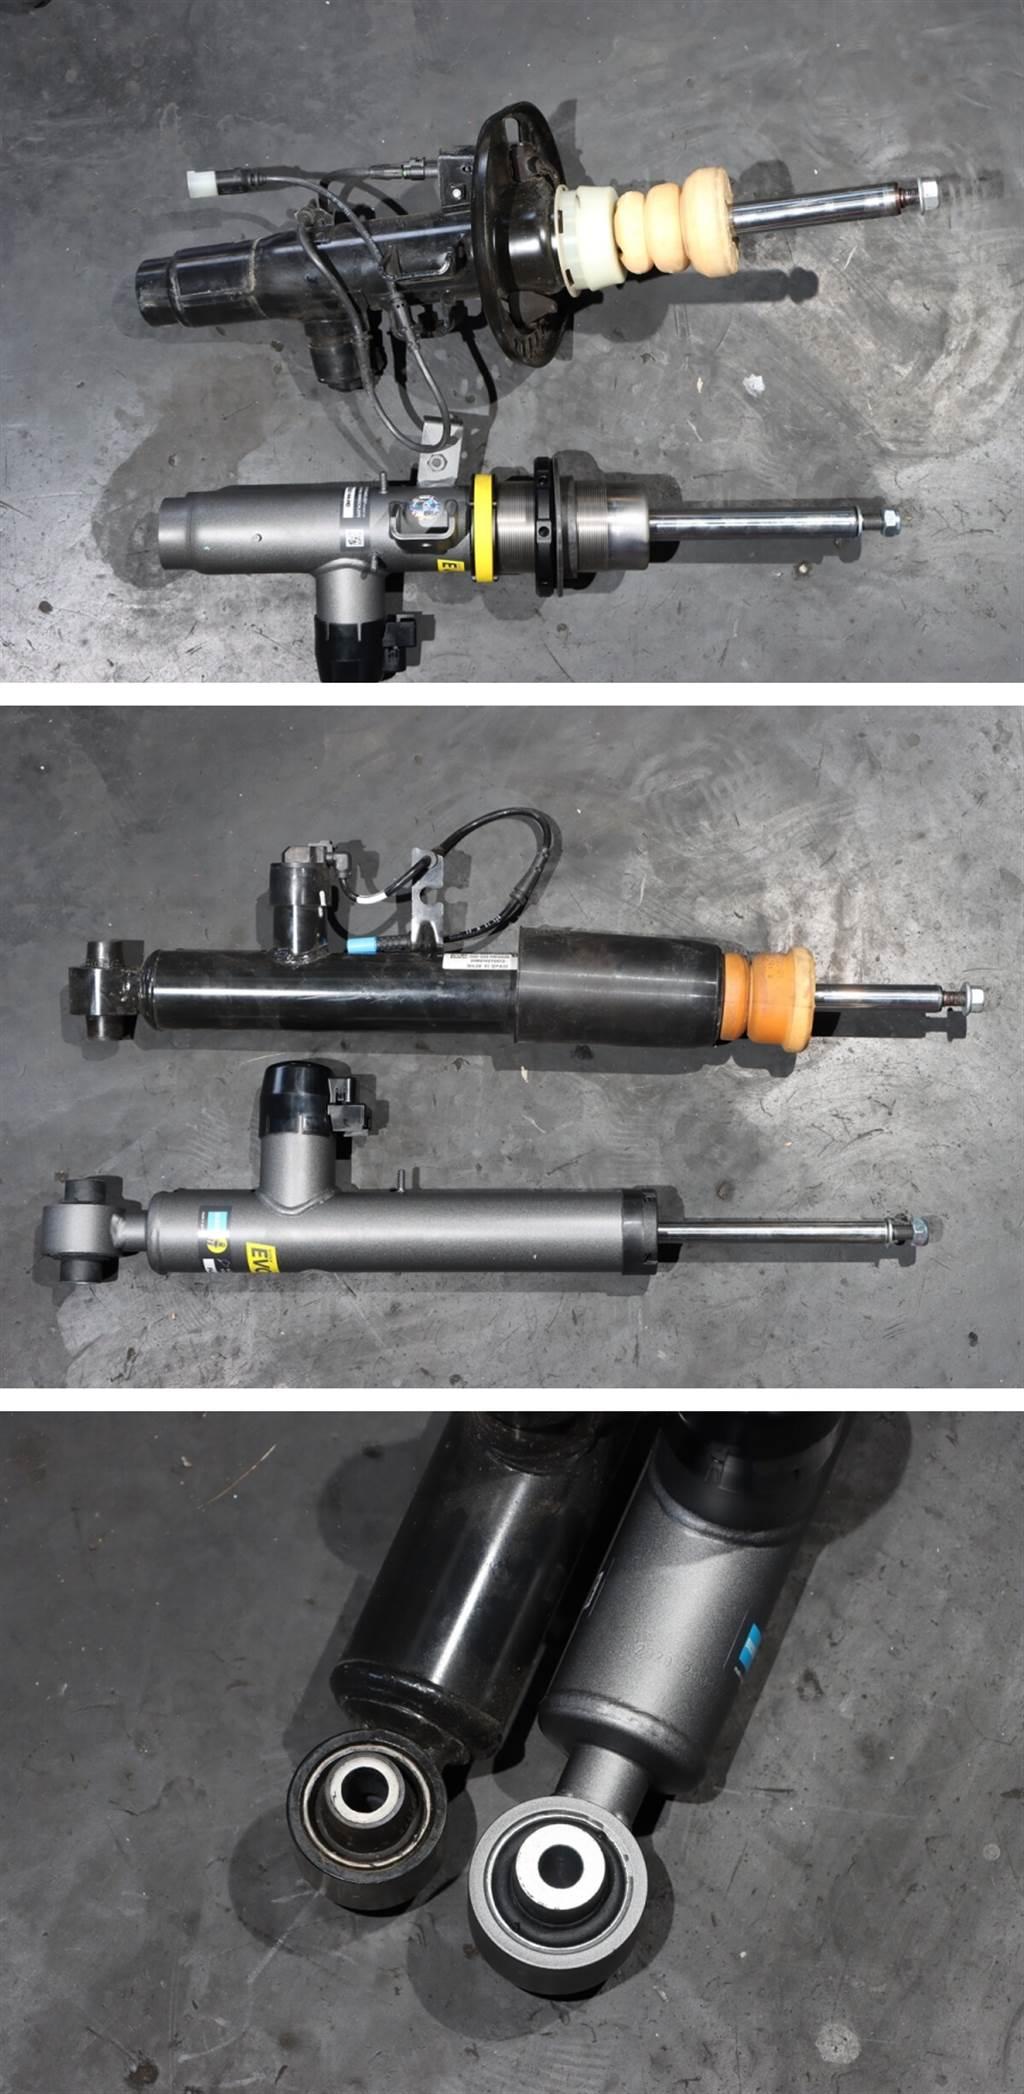 與原廠避震器相比,BILSTEIN EVO SE避震器減震筒的長度與原廠品差異不大,代表安裝時的難度不高,而後避震器下方的圓形固定座厚度,目視比原廠避震器更厚,可提供更好的路感與強度。